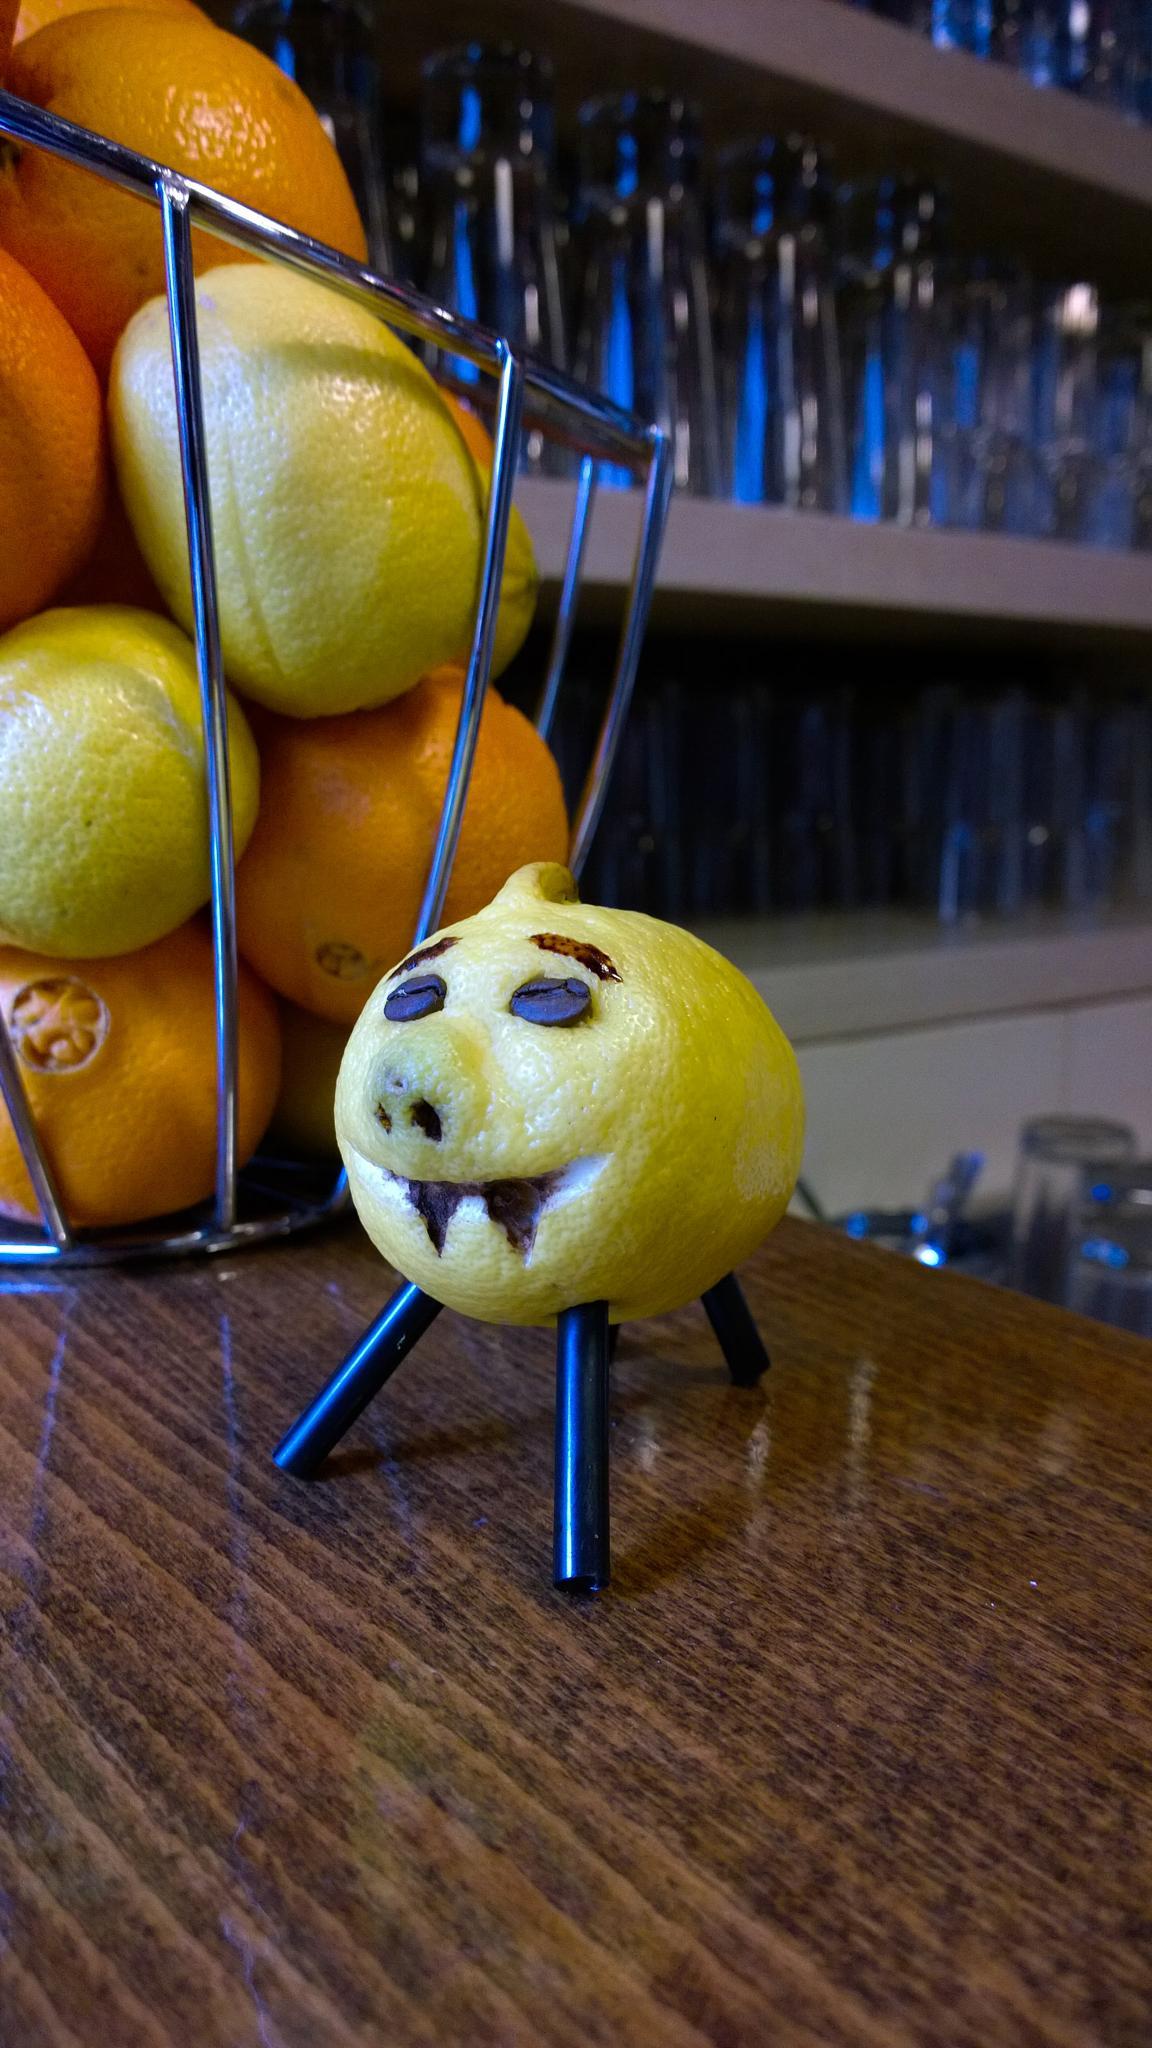 Lemonpig by S2par